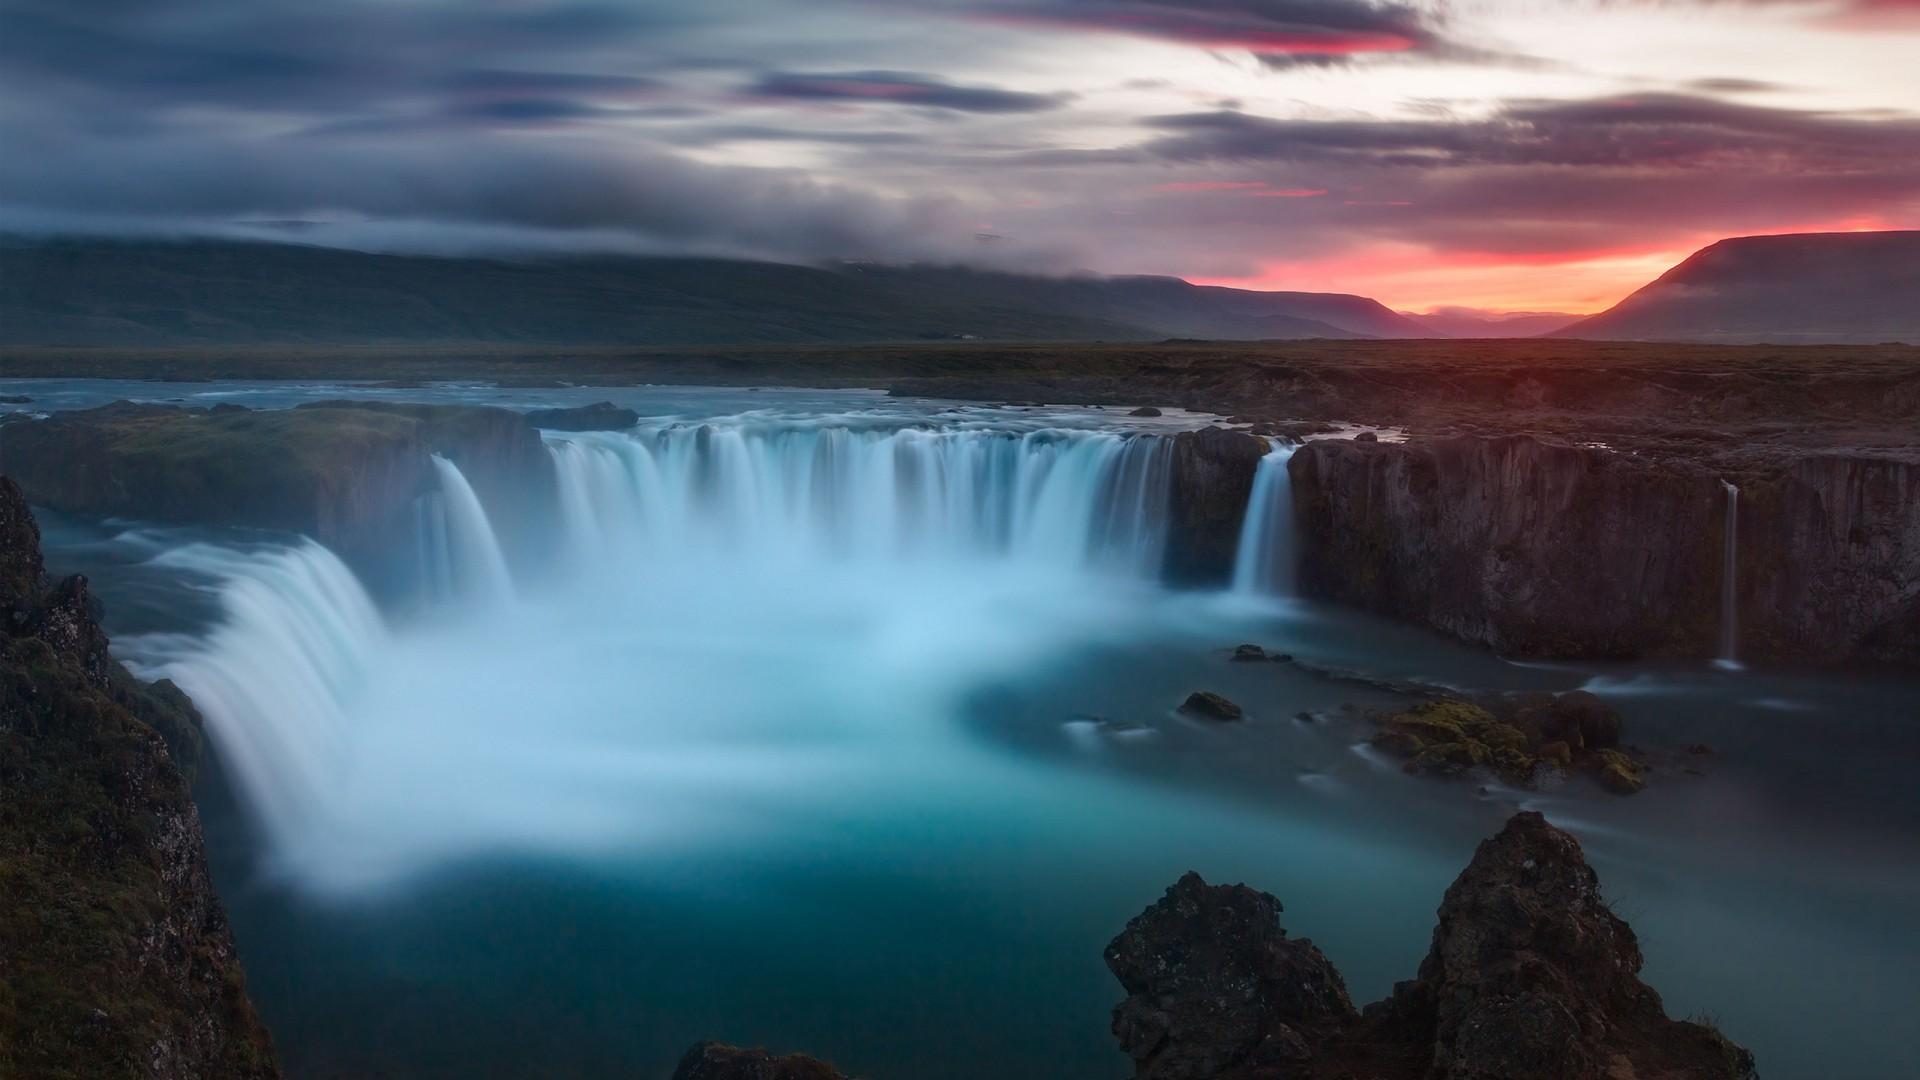 3d Wallpaper Widescreen Waterfalls Godafoss Waterfalls Iceland Wallpapers Hd Wallpapers